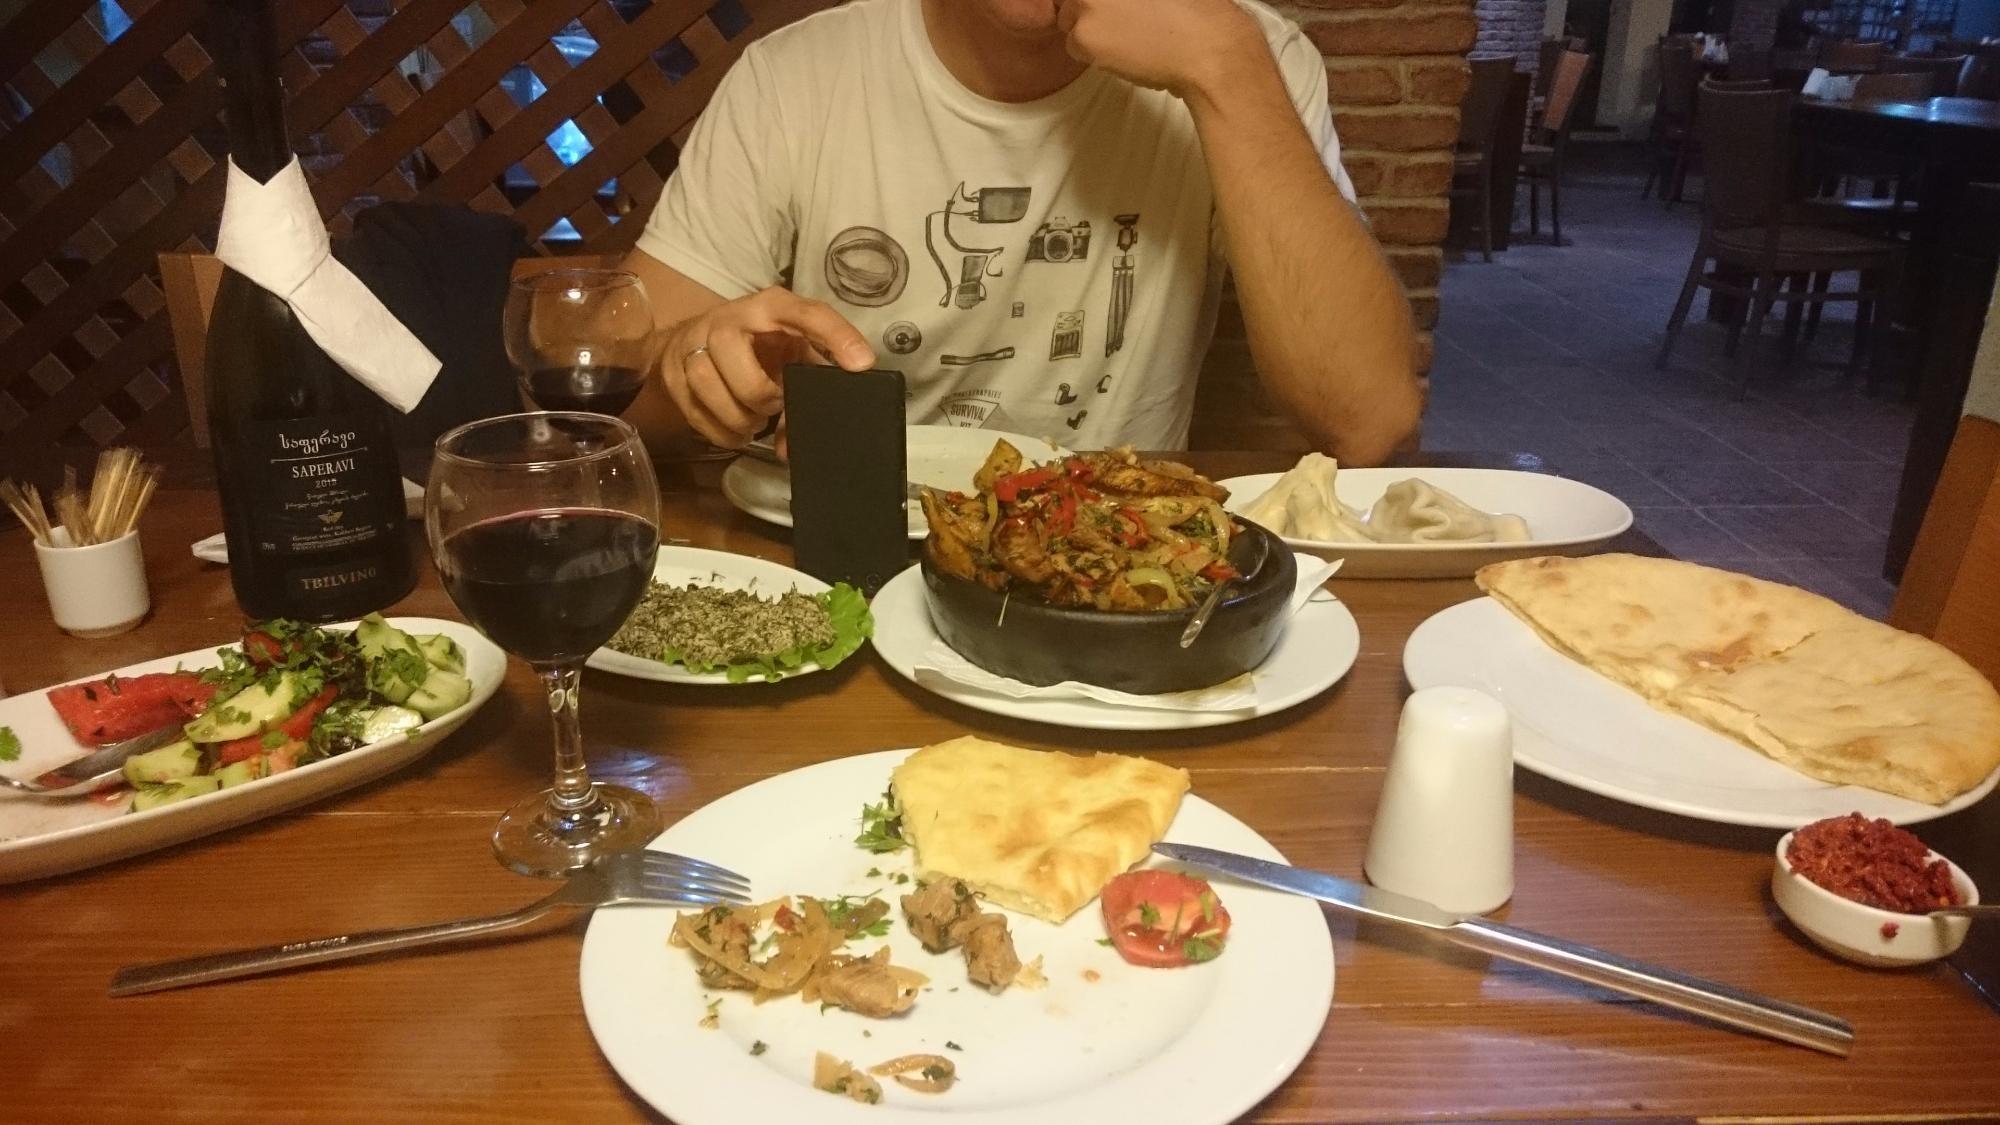 Chine Bul iRestaurant (9).jpg